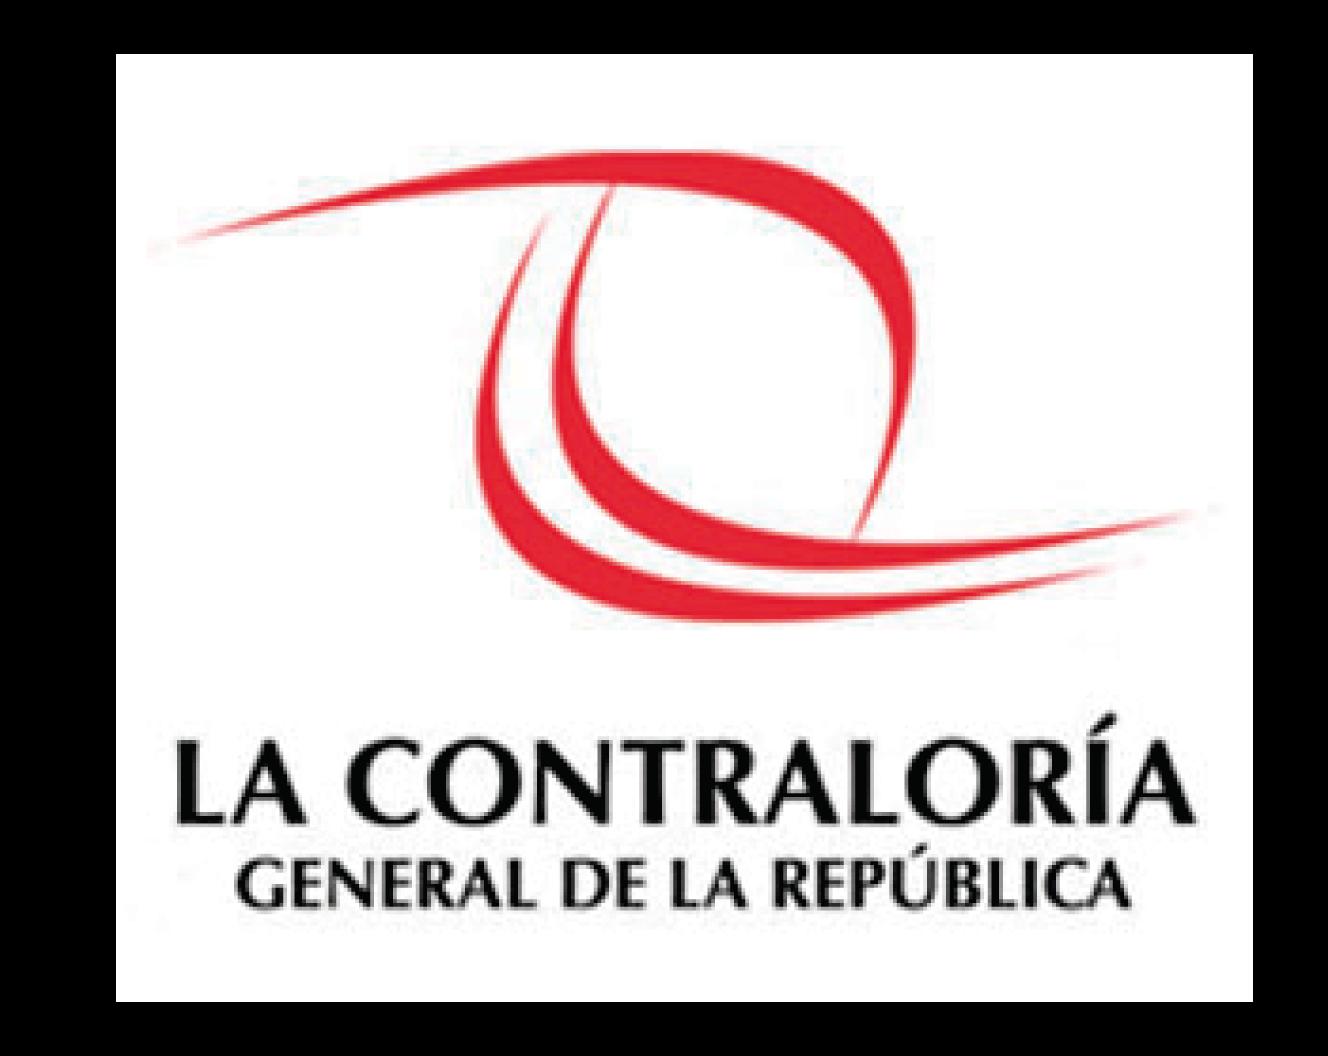 LOGO-CONTRALORIA